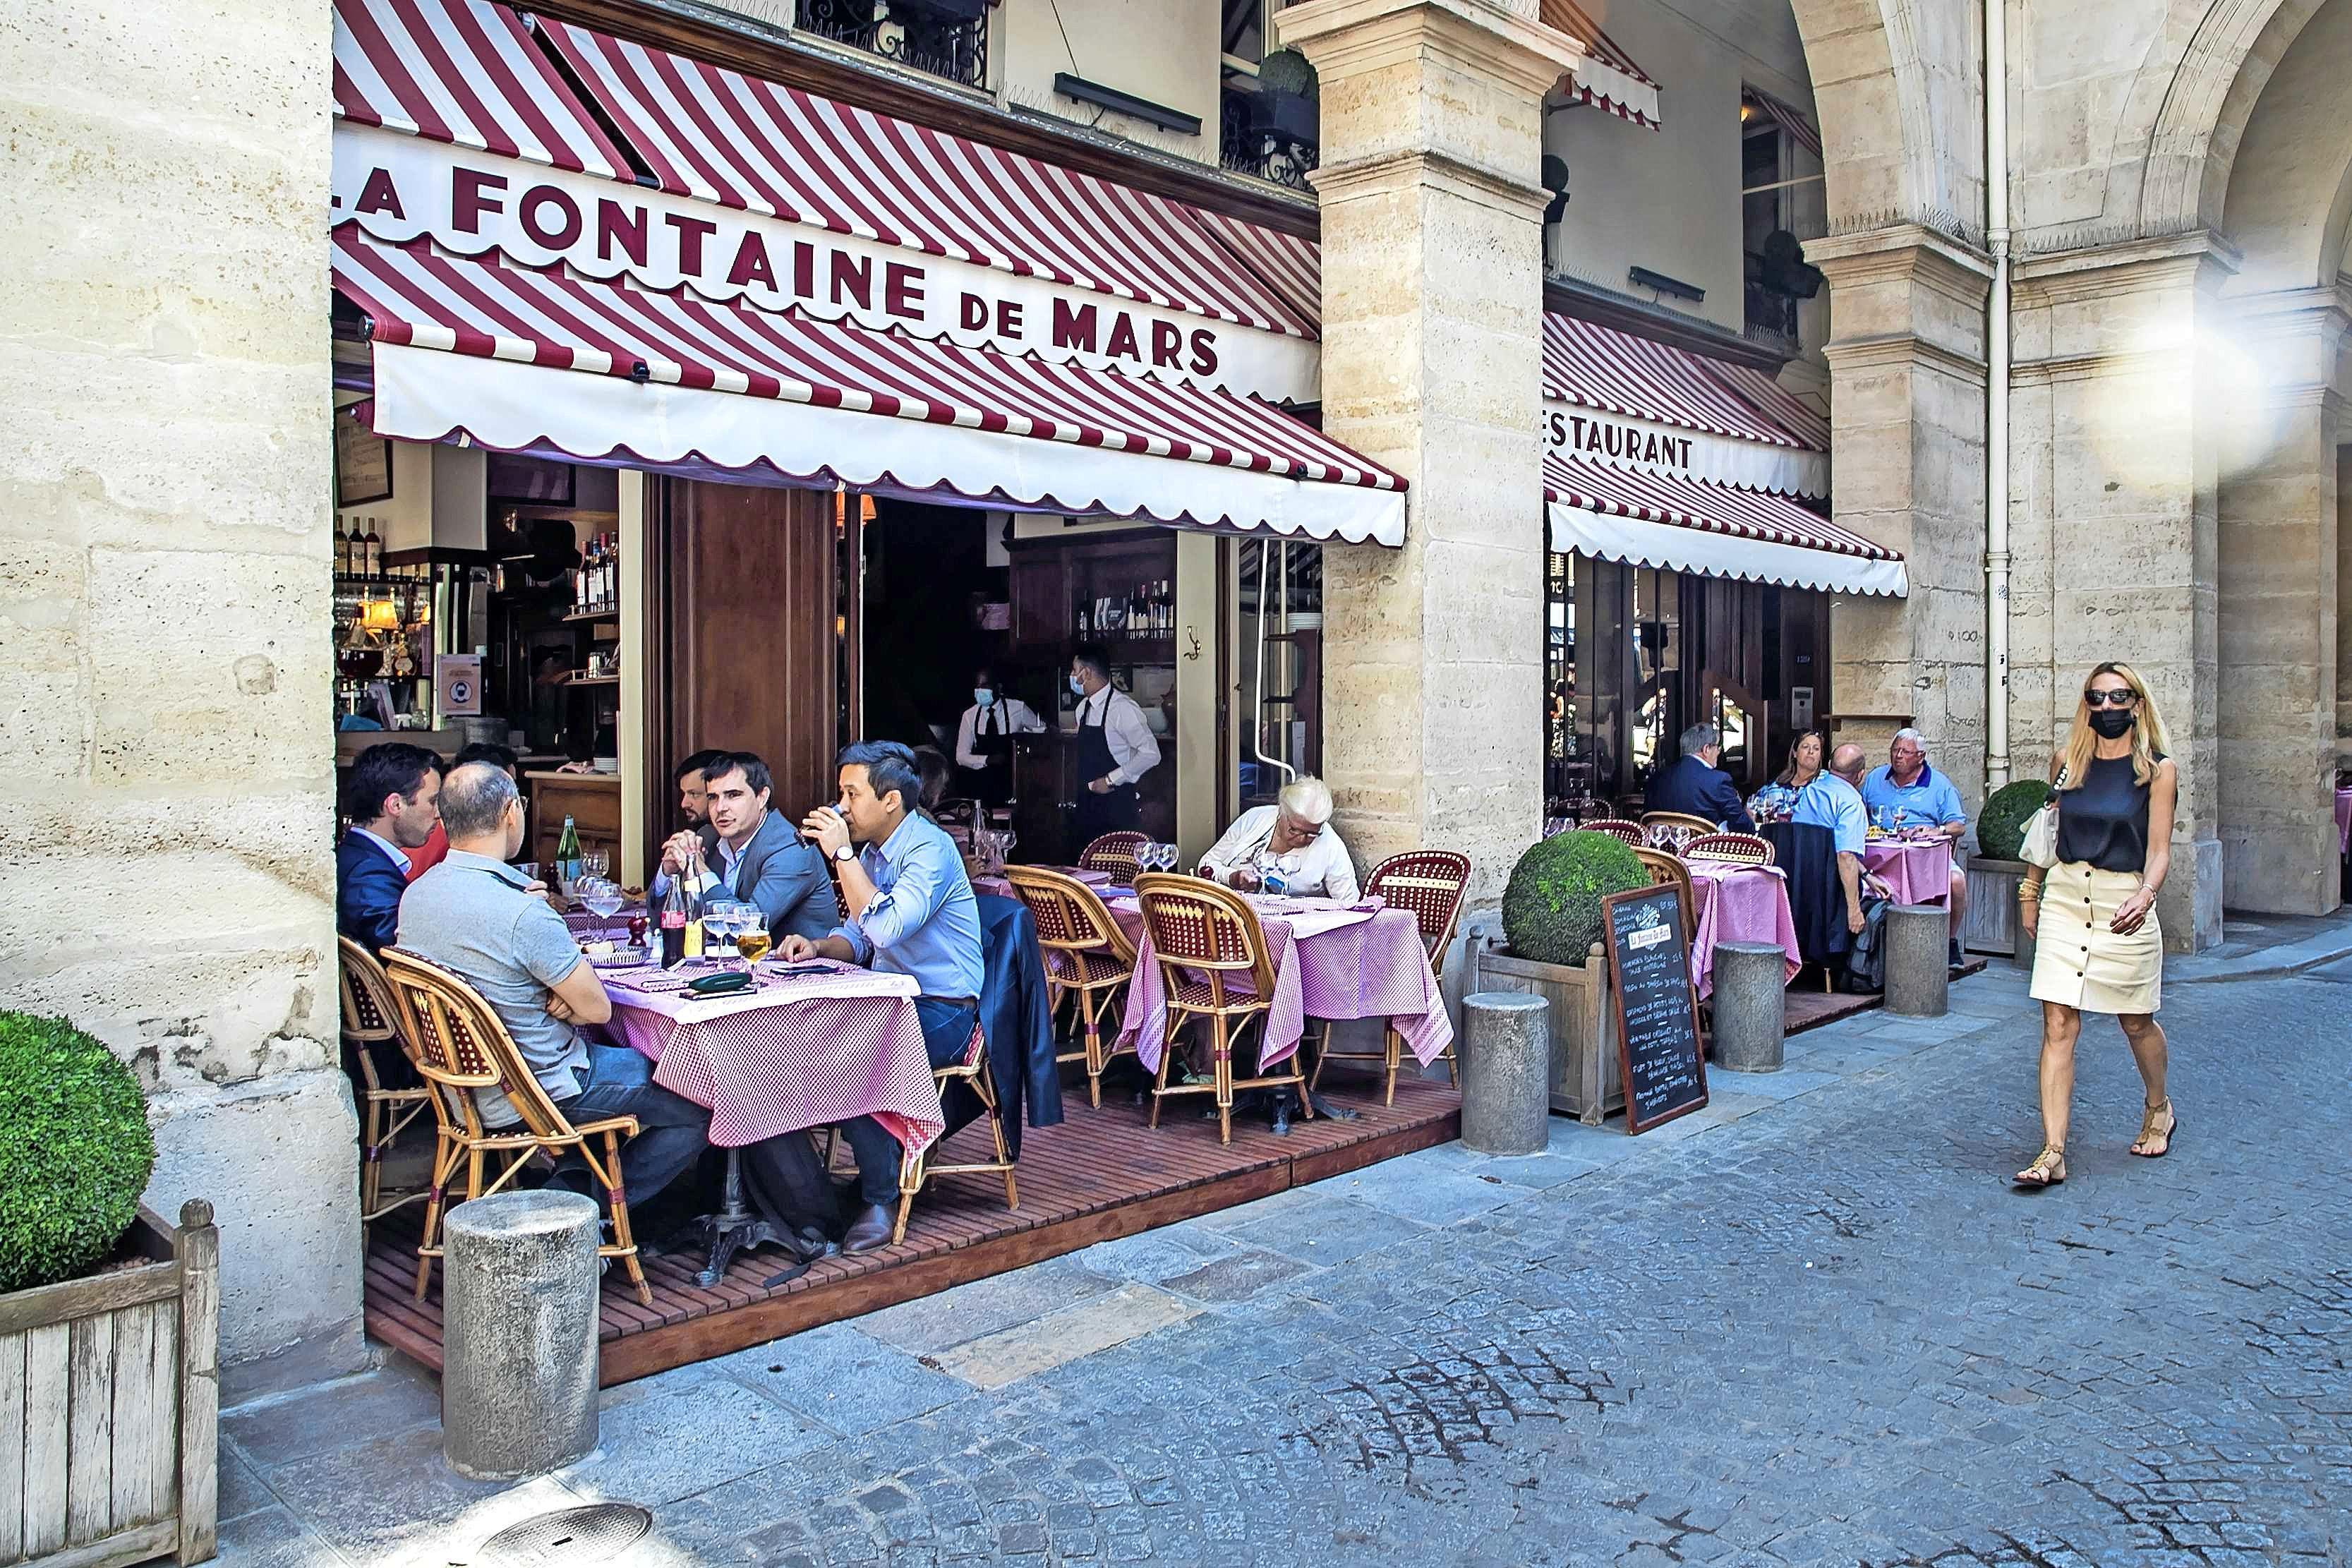 Op vakantie in Frankrijk heb je zelfs voor het terras een 'gezondheidspas' nodig